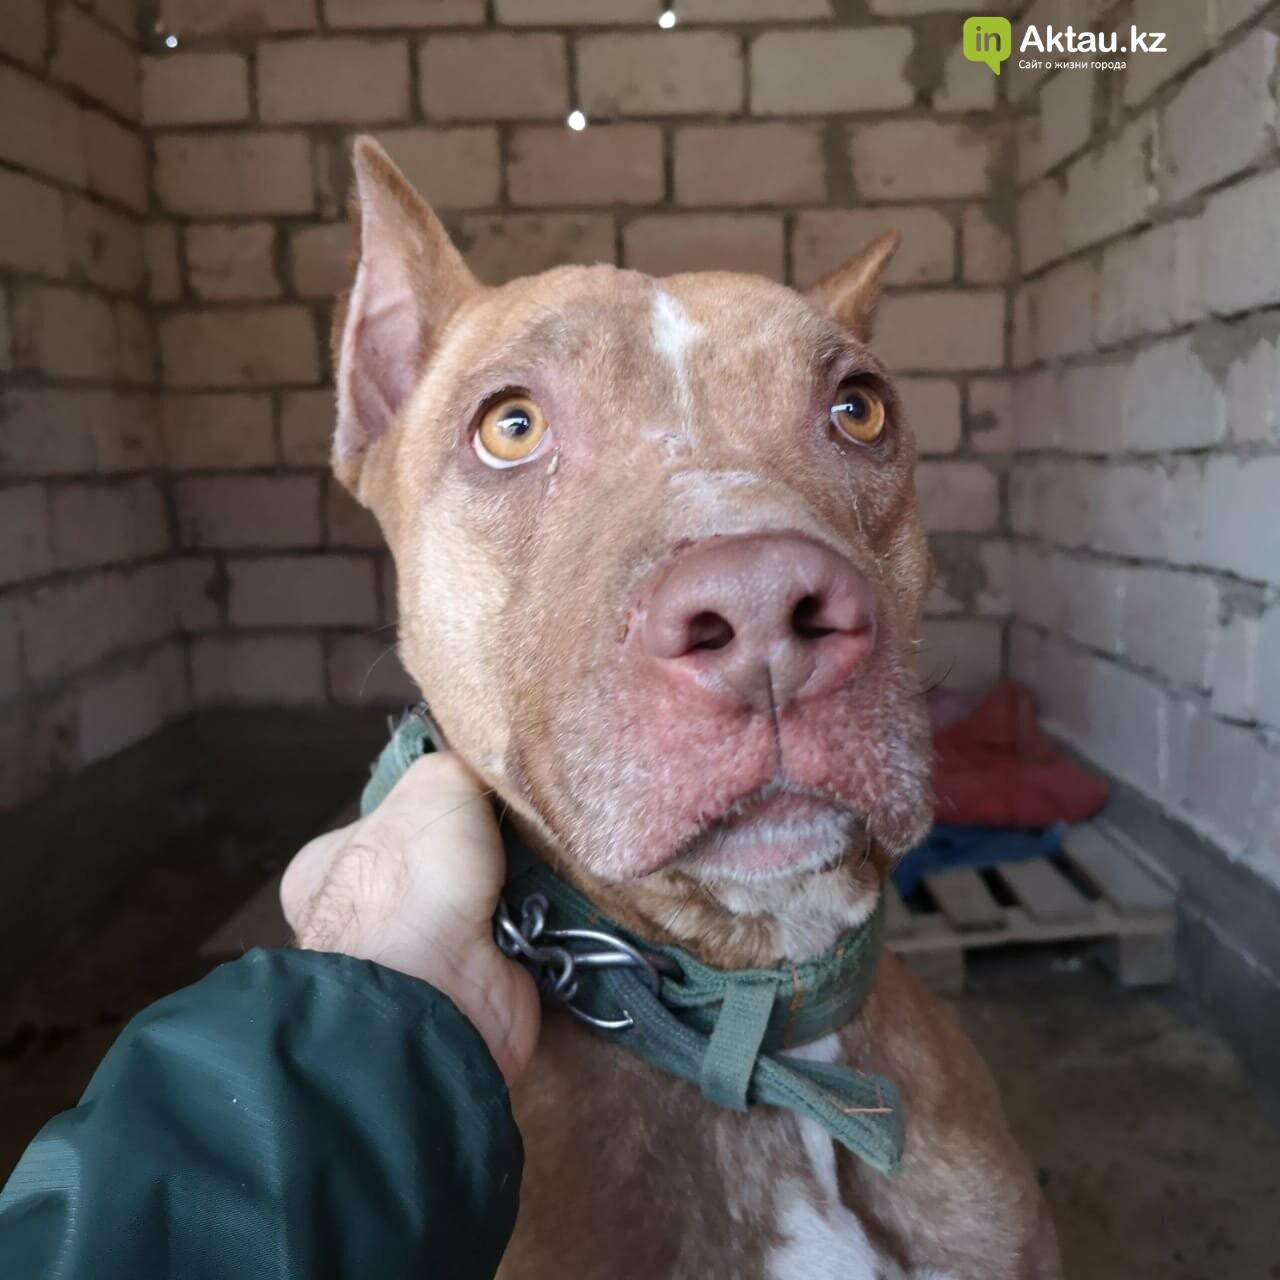 В Актау собаку заварили в металлический ящик и оставили на улице (ВИДЕО), фото-1